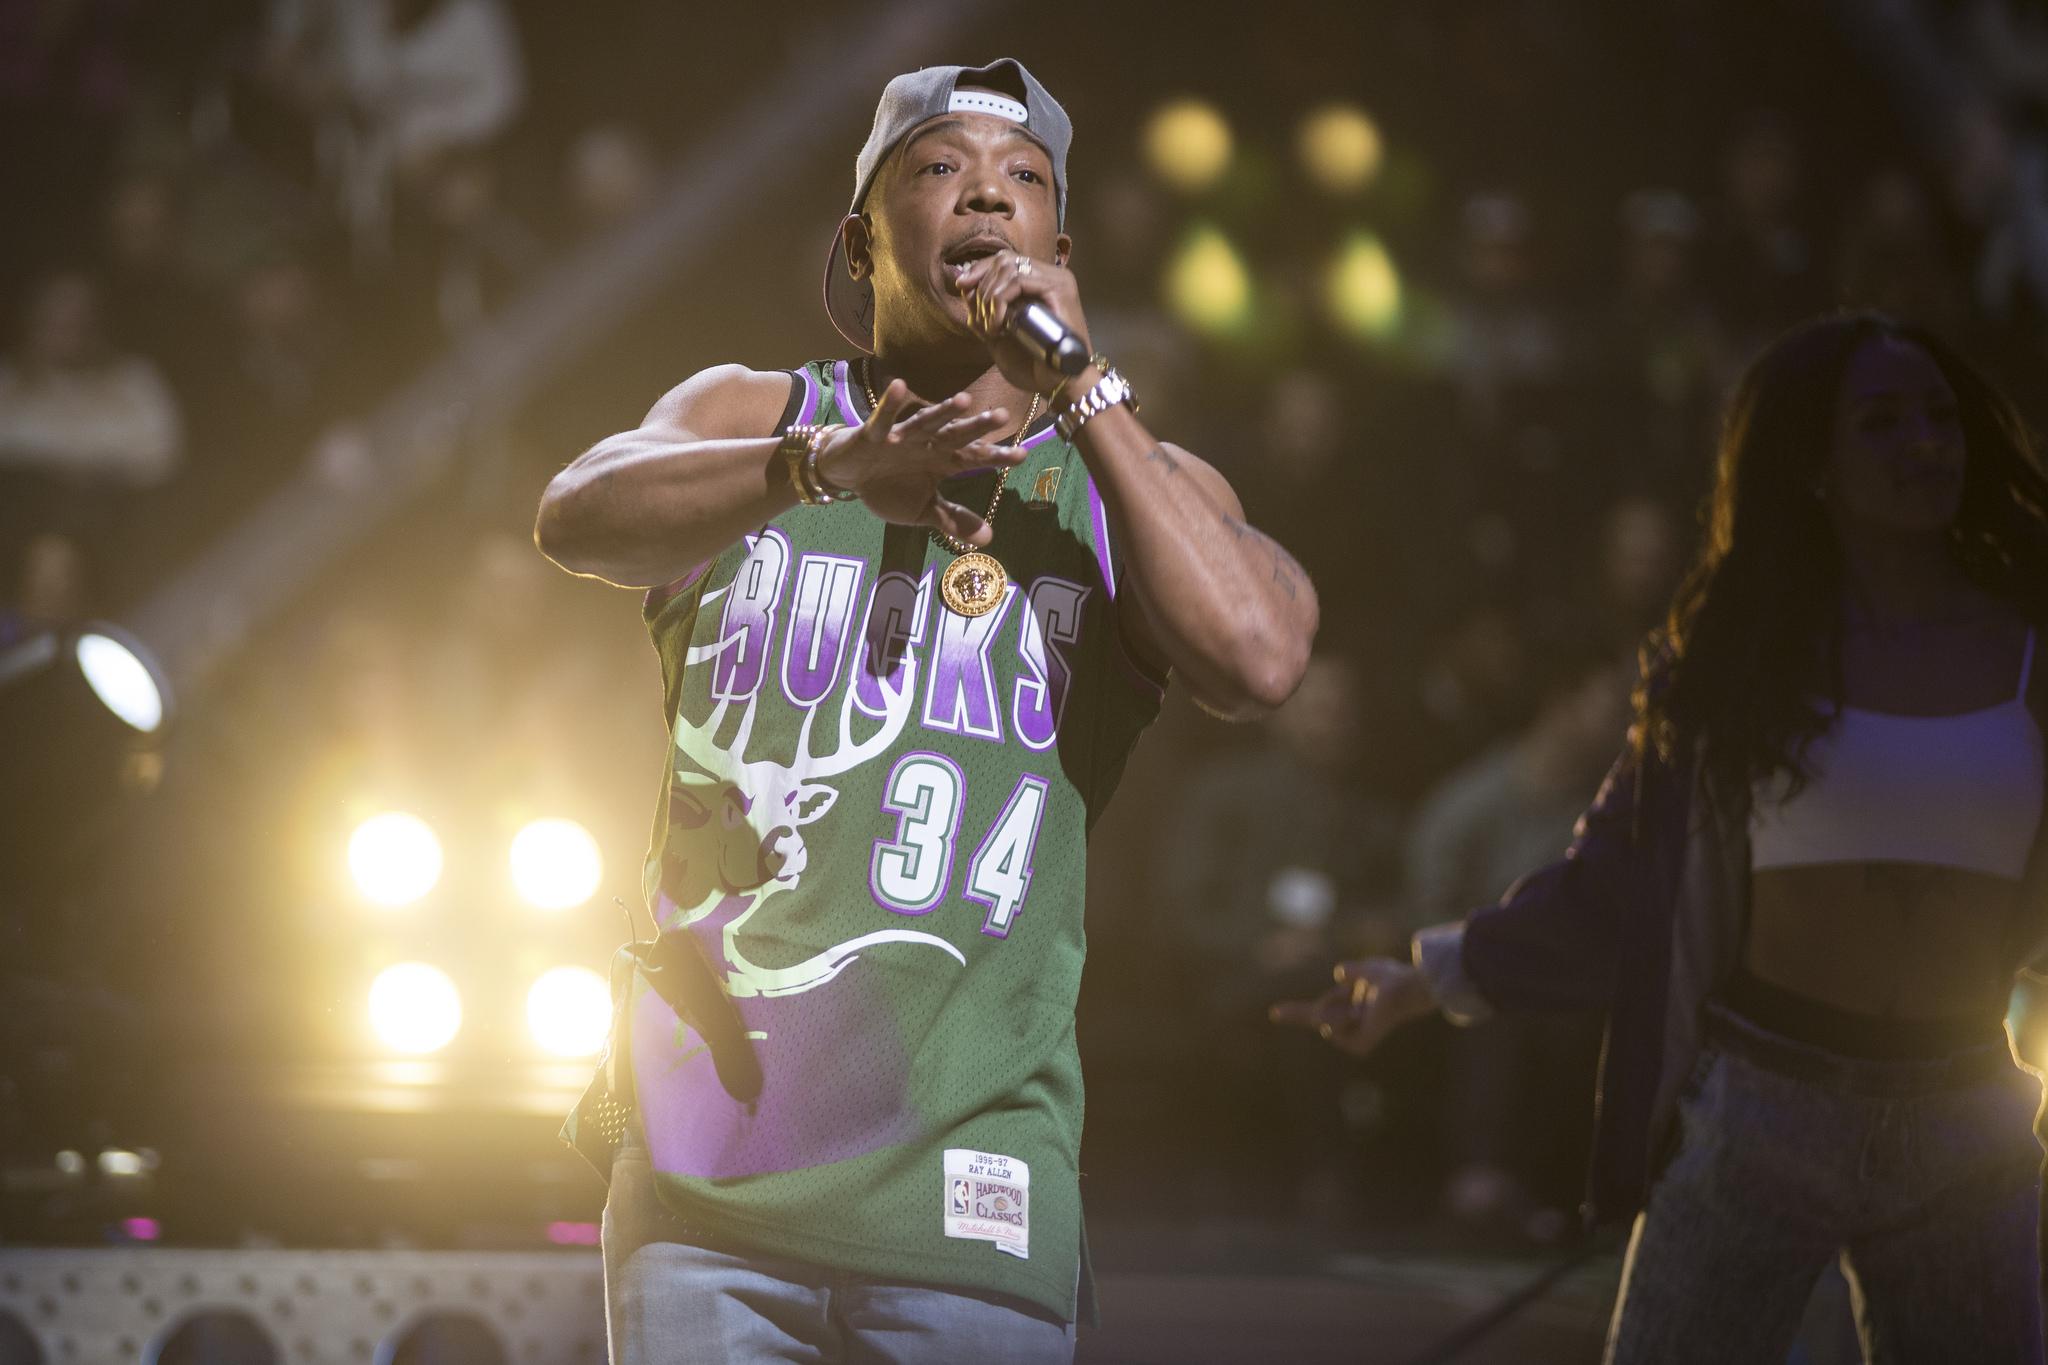 Ja Rule's Halftime Performance at Milwaukee Bucks Game Goes Viral